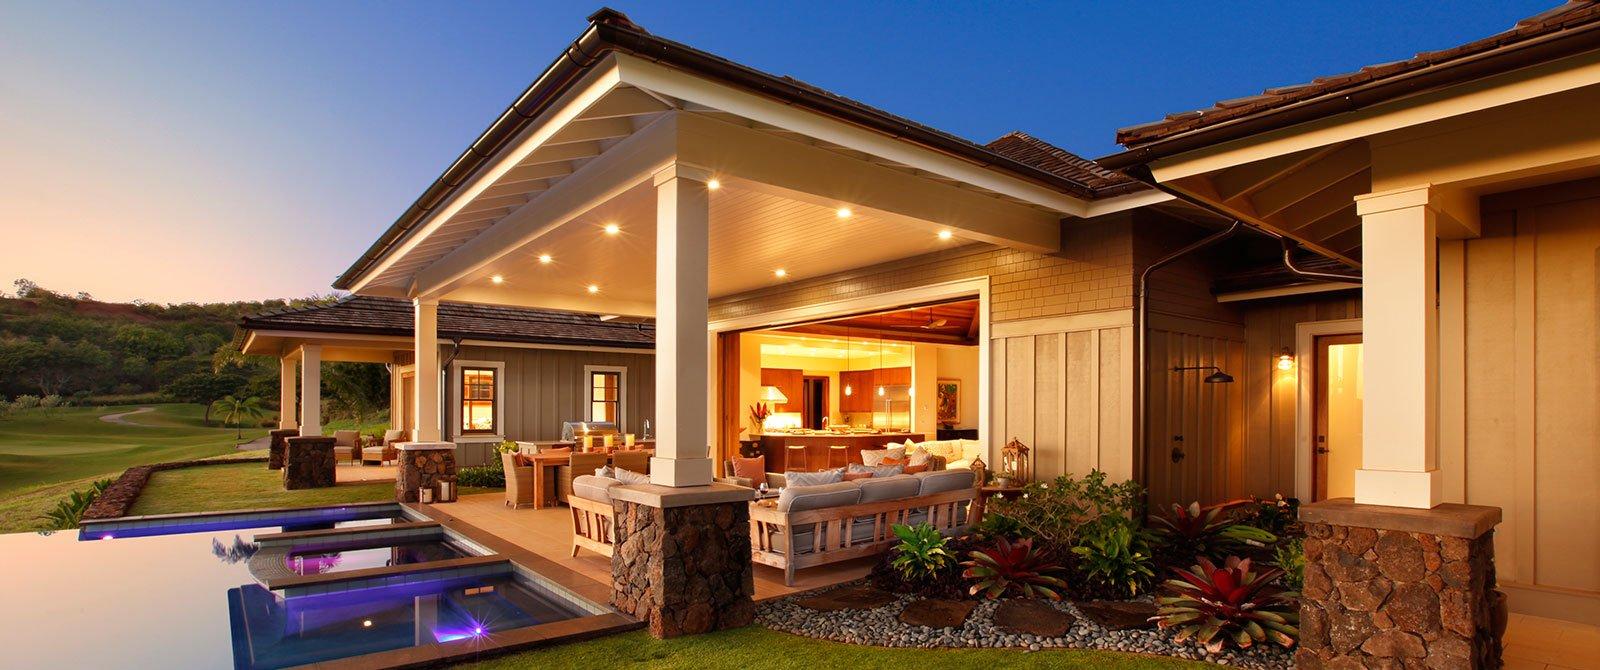 Kauai Luxury homes at Kukuiula - Mauka 22 Custom Home